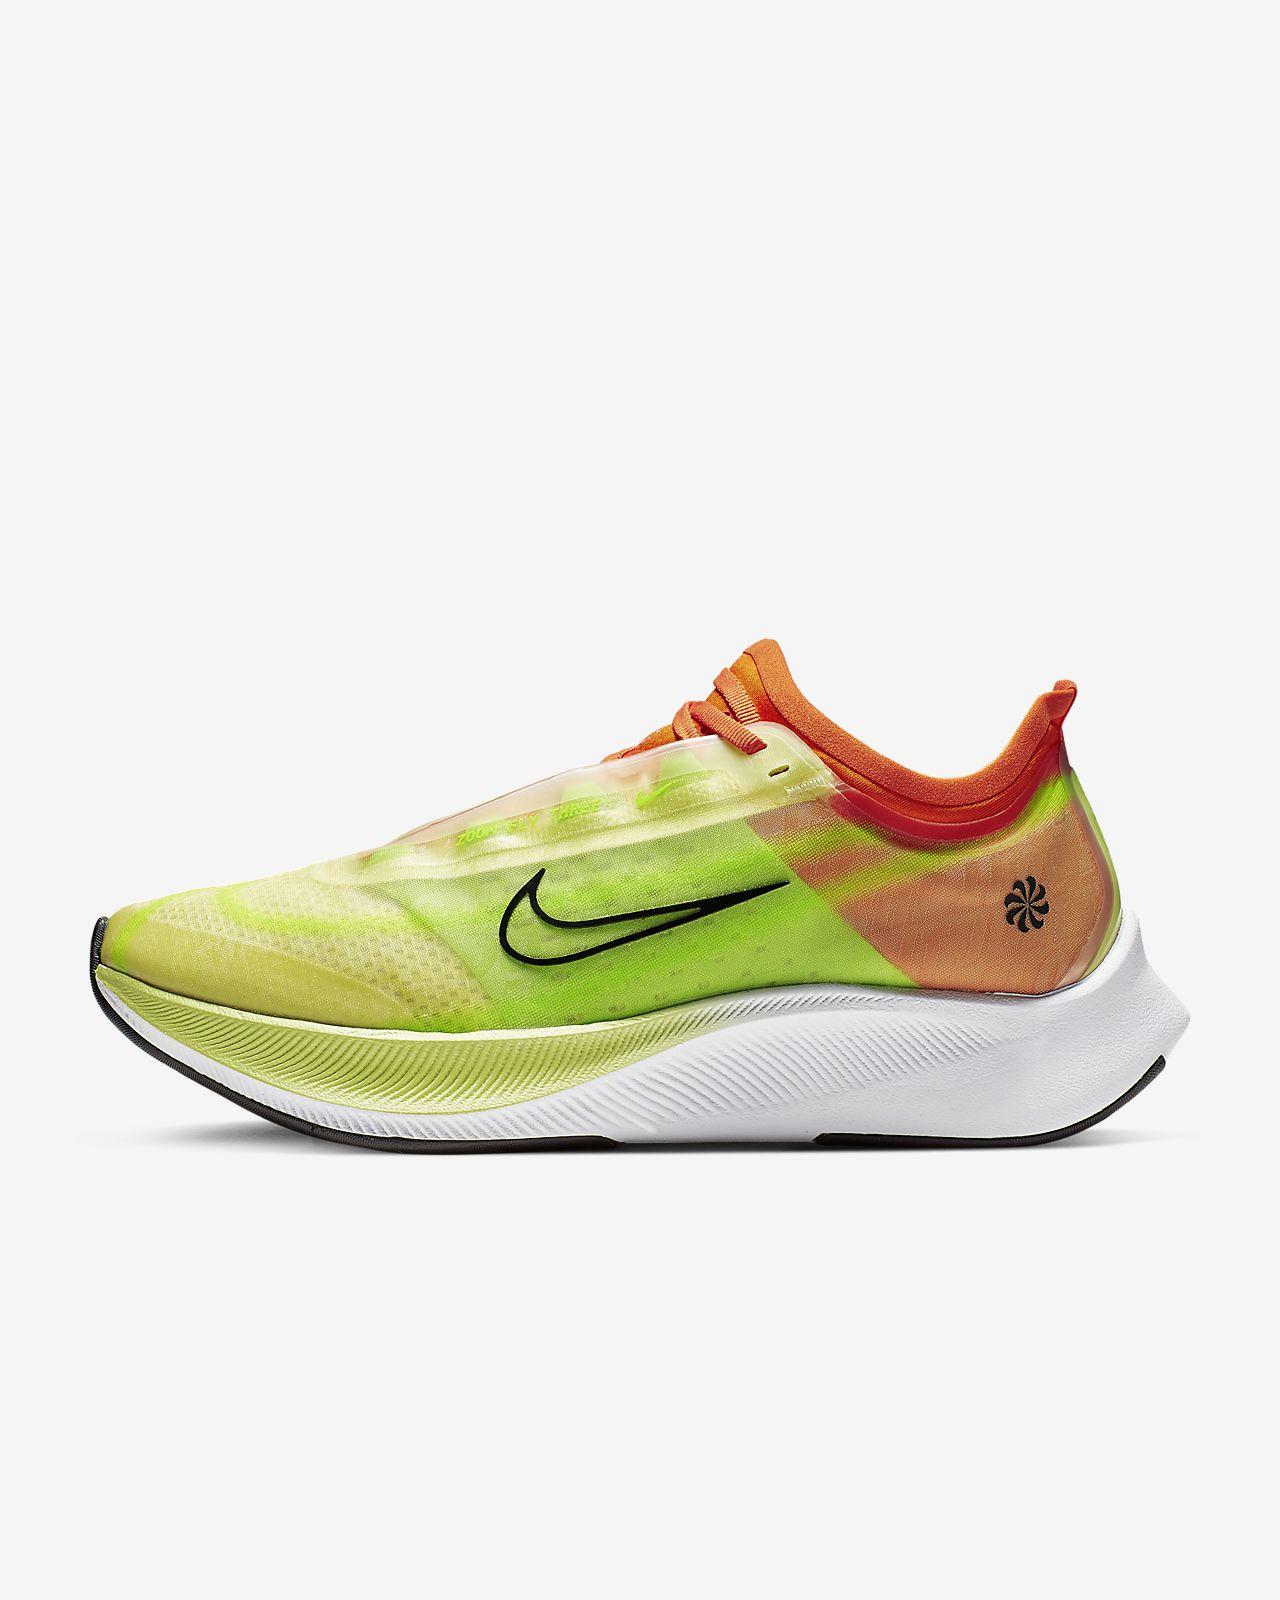 duradero en uso precio favorable en venta Nike Zoom Fly 3 Rise Zapatillas de running - Mujer